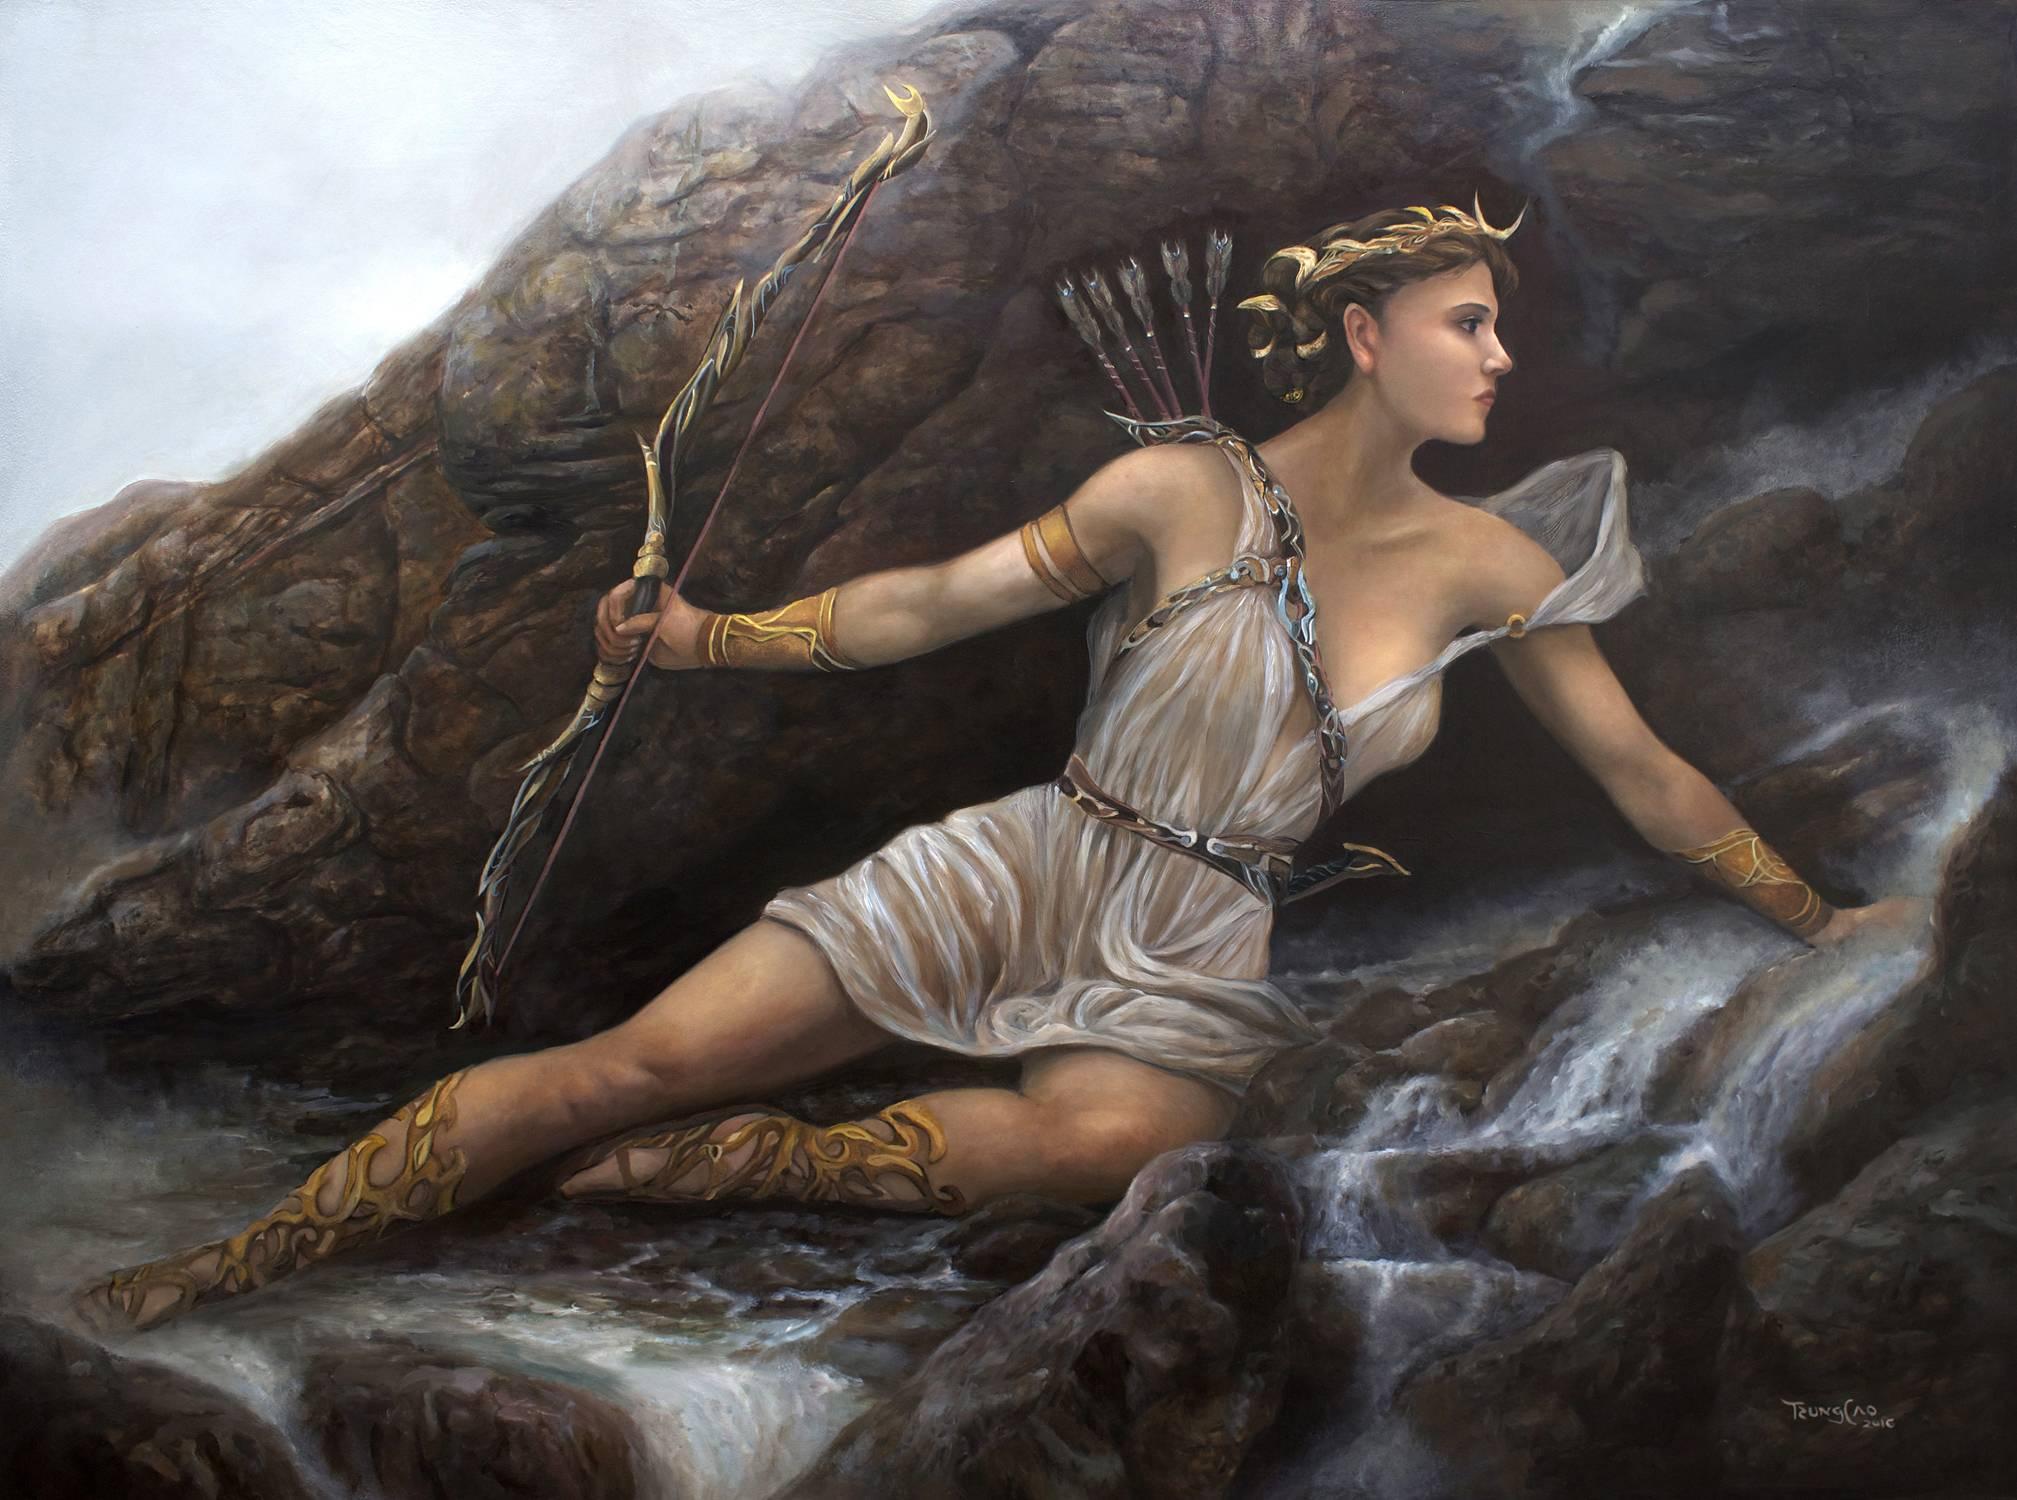 Божественный гороскоп. какая вы богиня из греческого пантеона? - нимфа